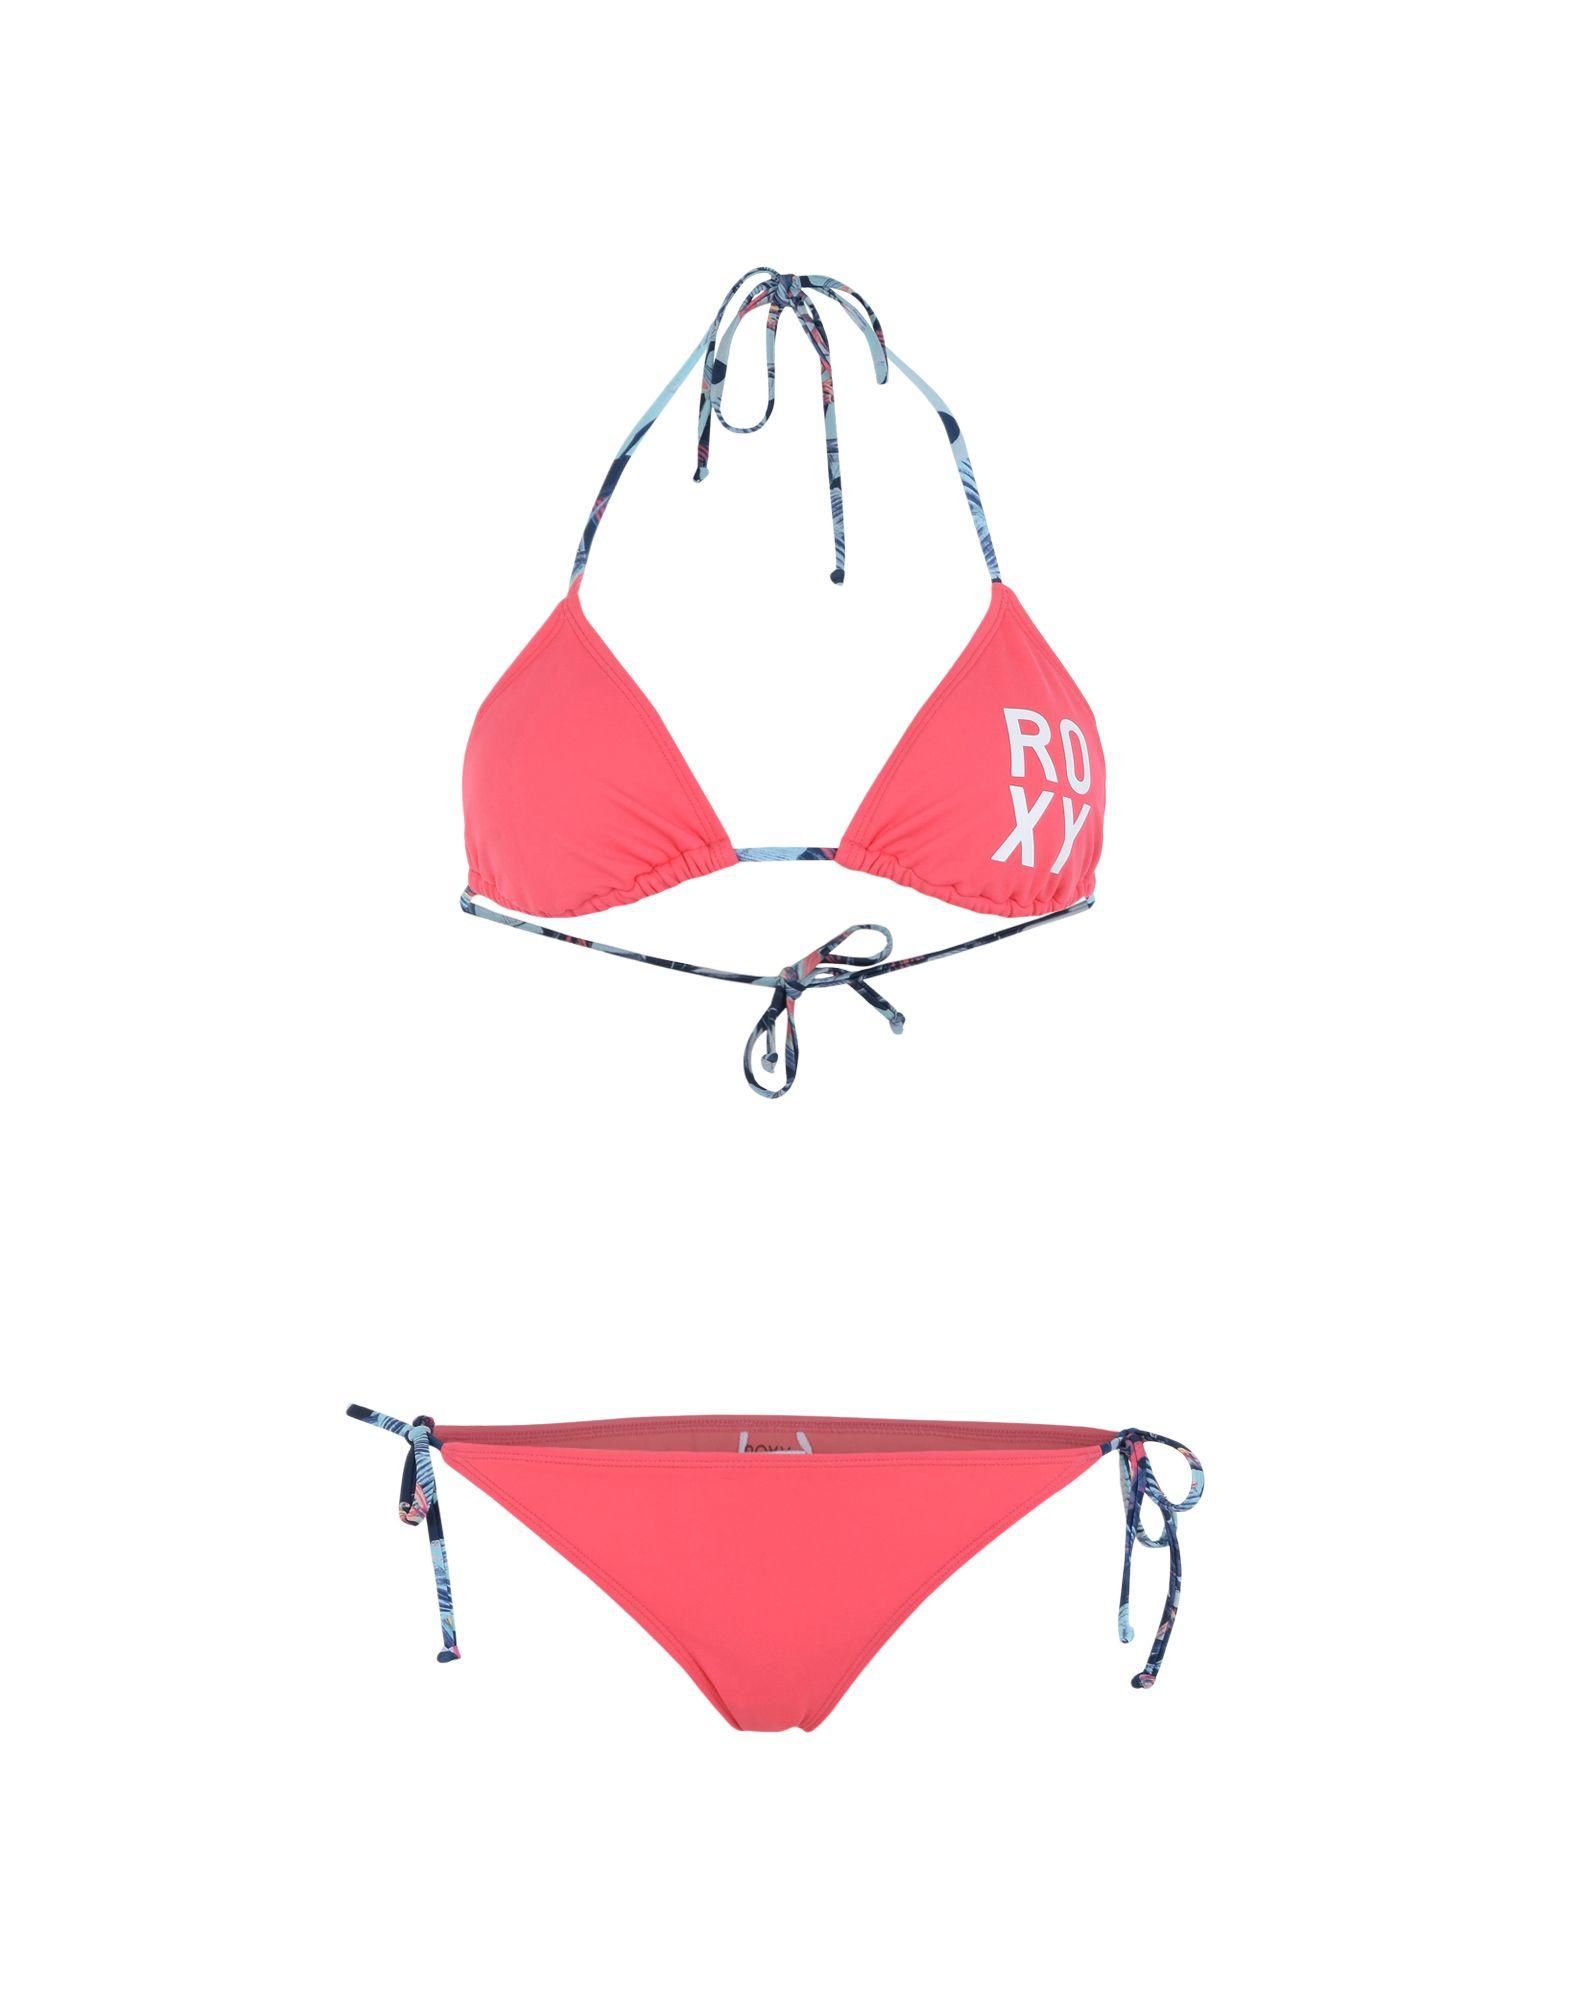 《セール開催中》ROXY レディース 水着(ビキニ) フューシャ S ナイロン 80% / ポリウレタン 20% RX Bikini Roxy Essentials Tiki Tri/Scooter